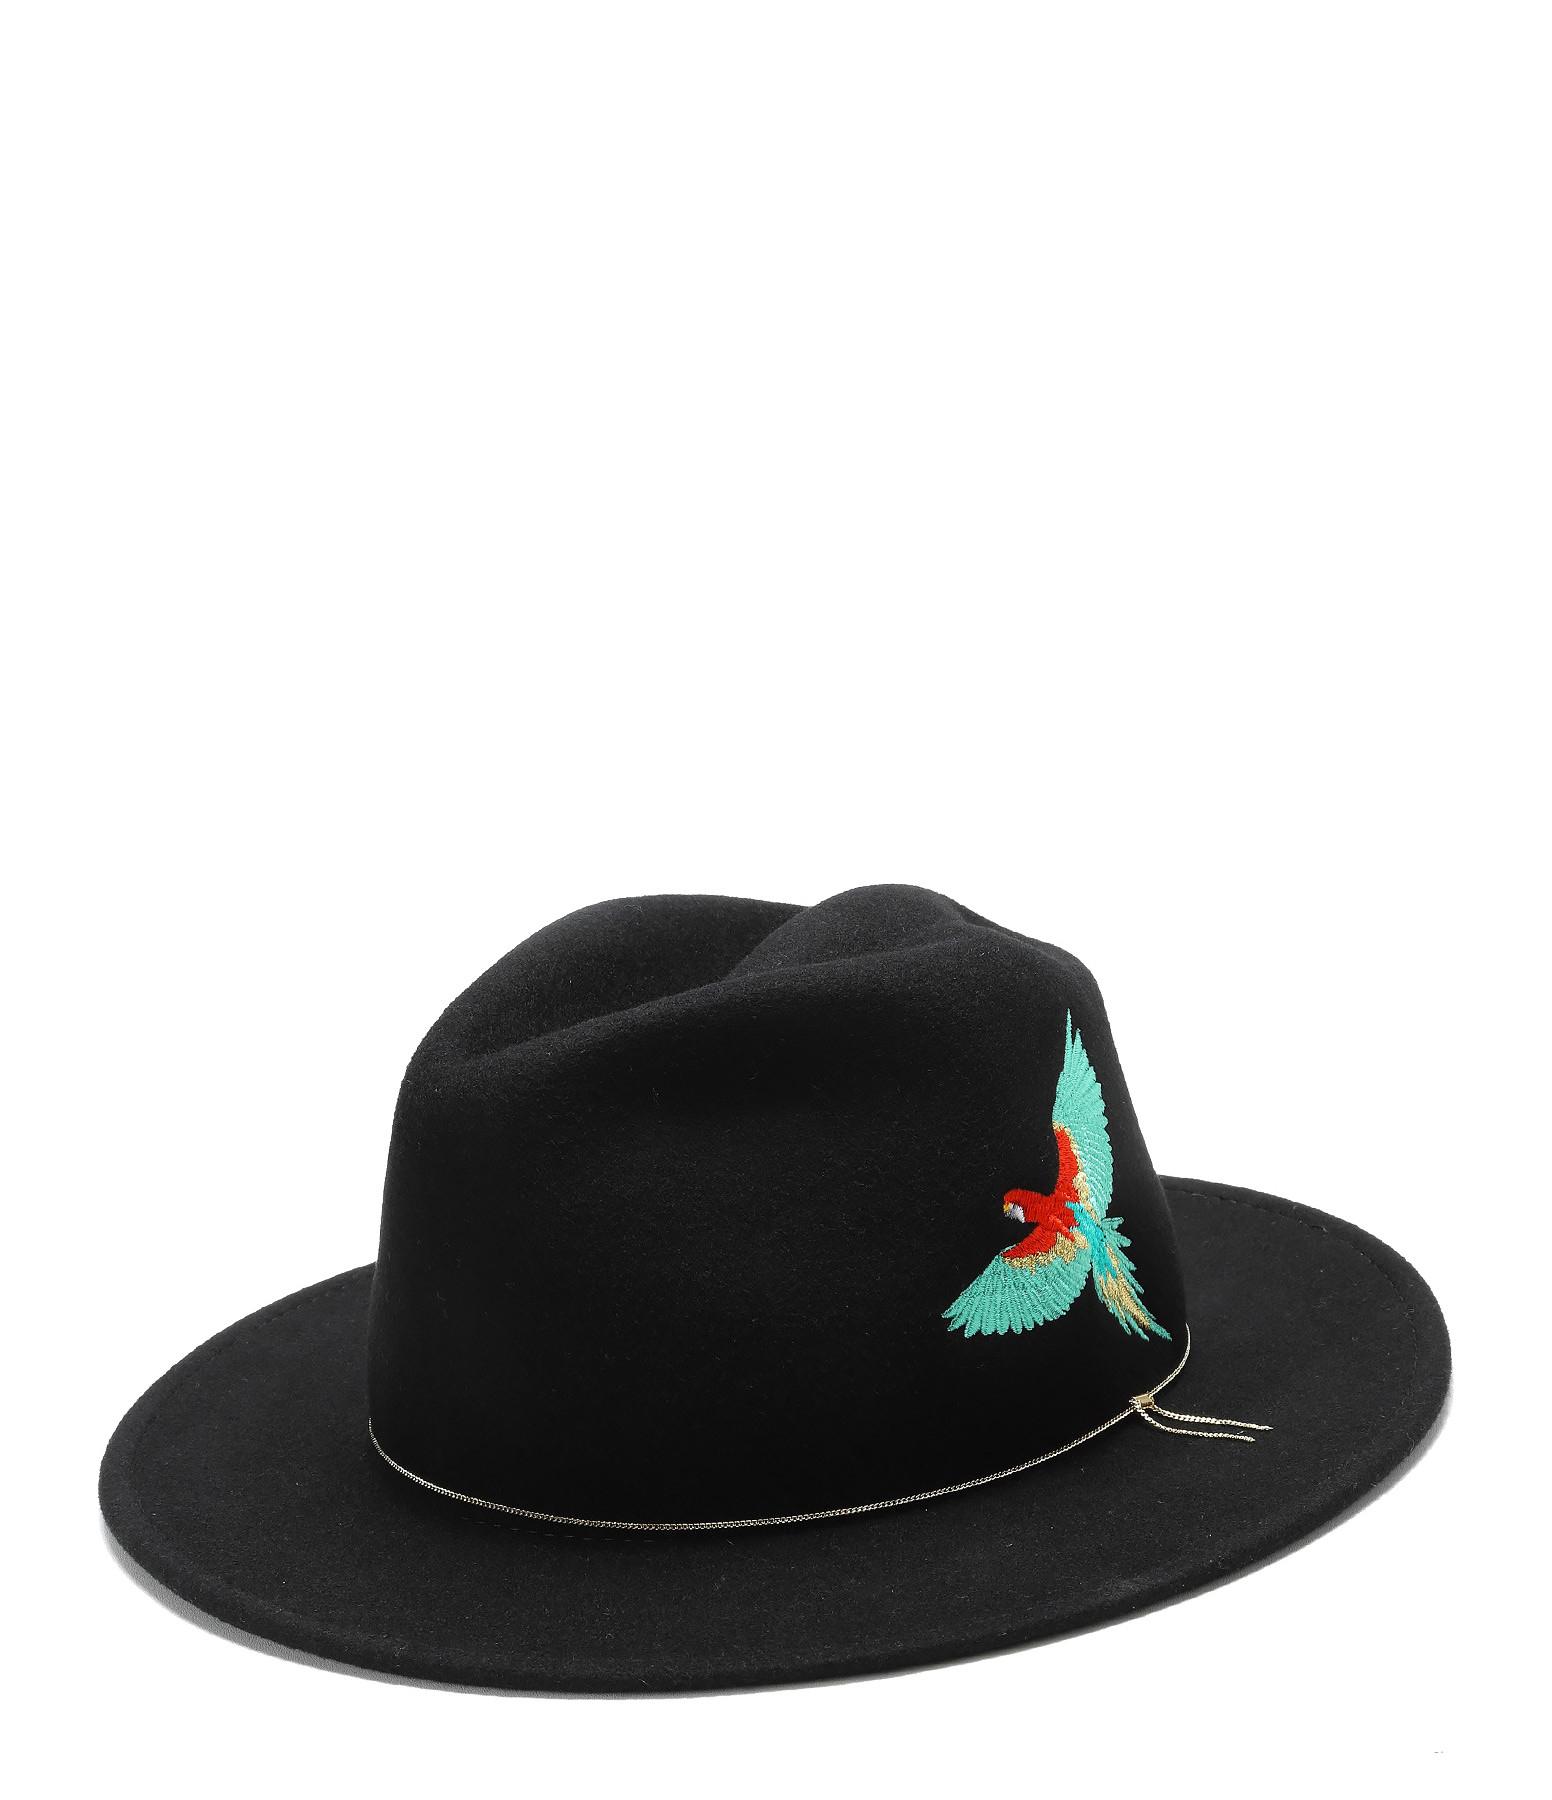 VAN PALMA - Chapeau Le Dakota Laine Noir Spice